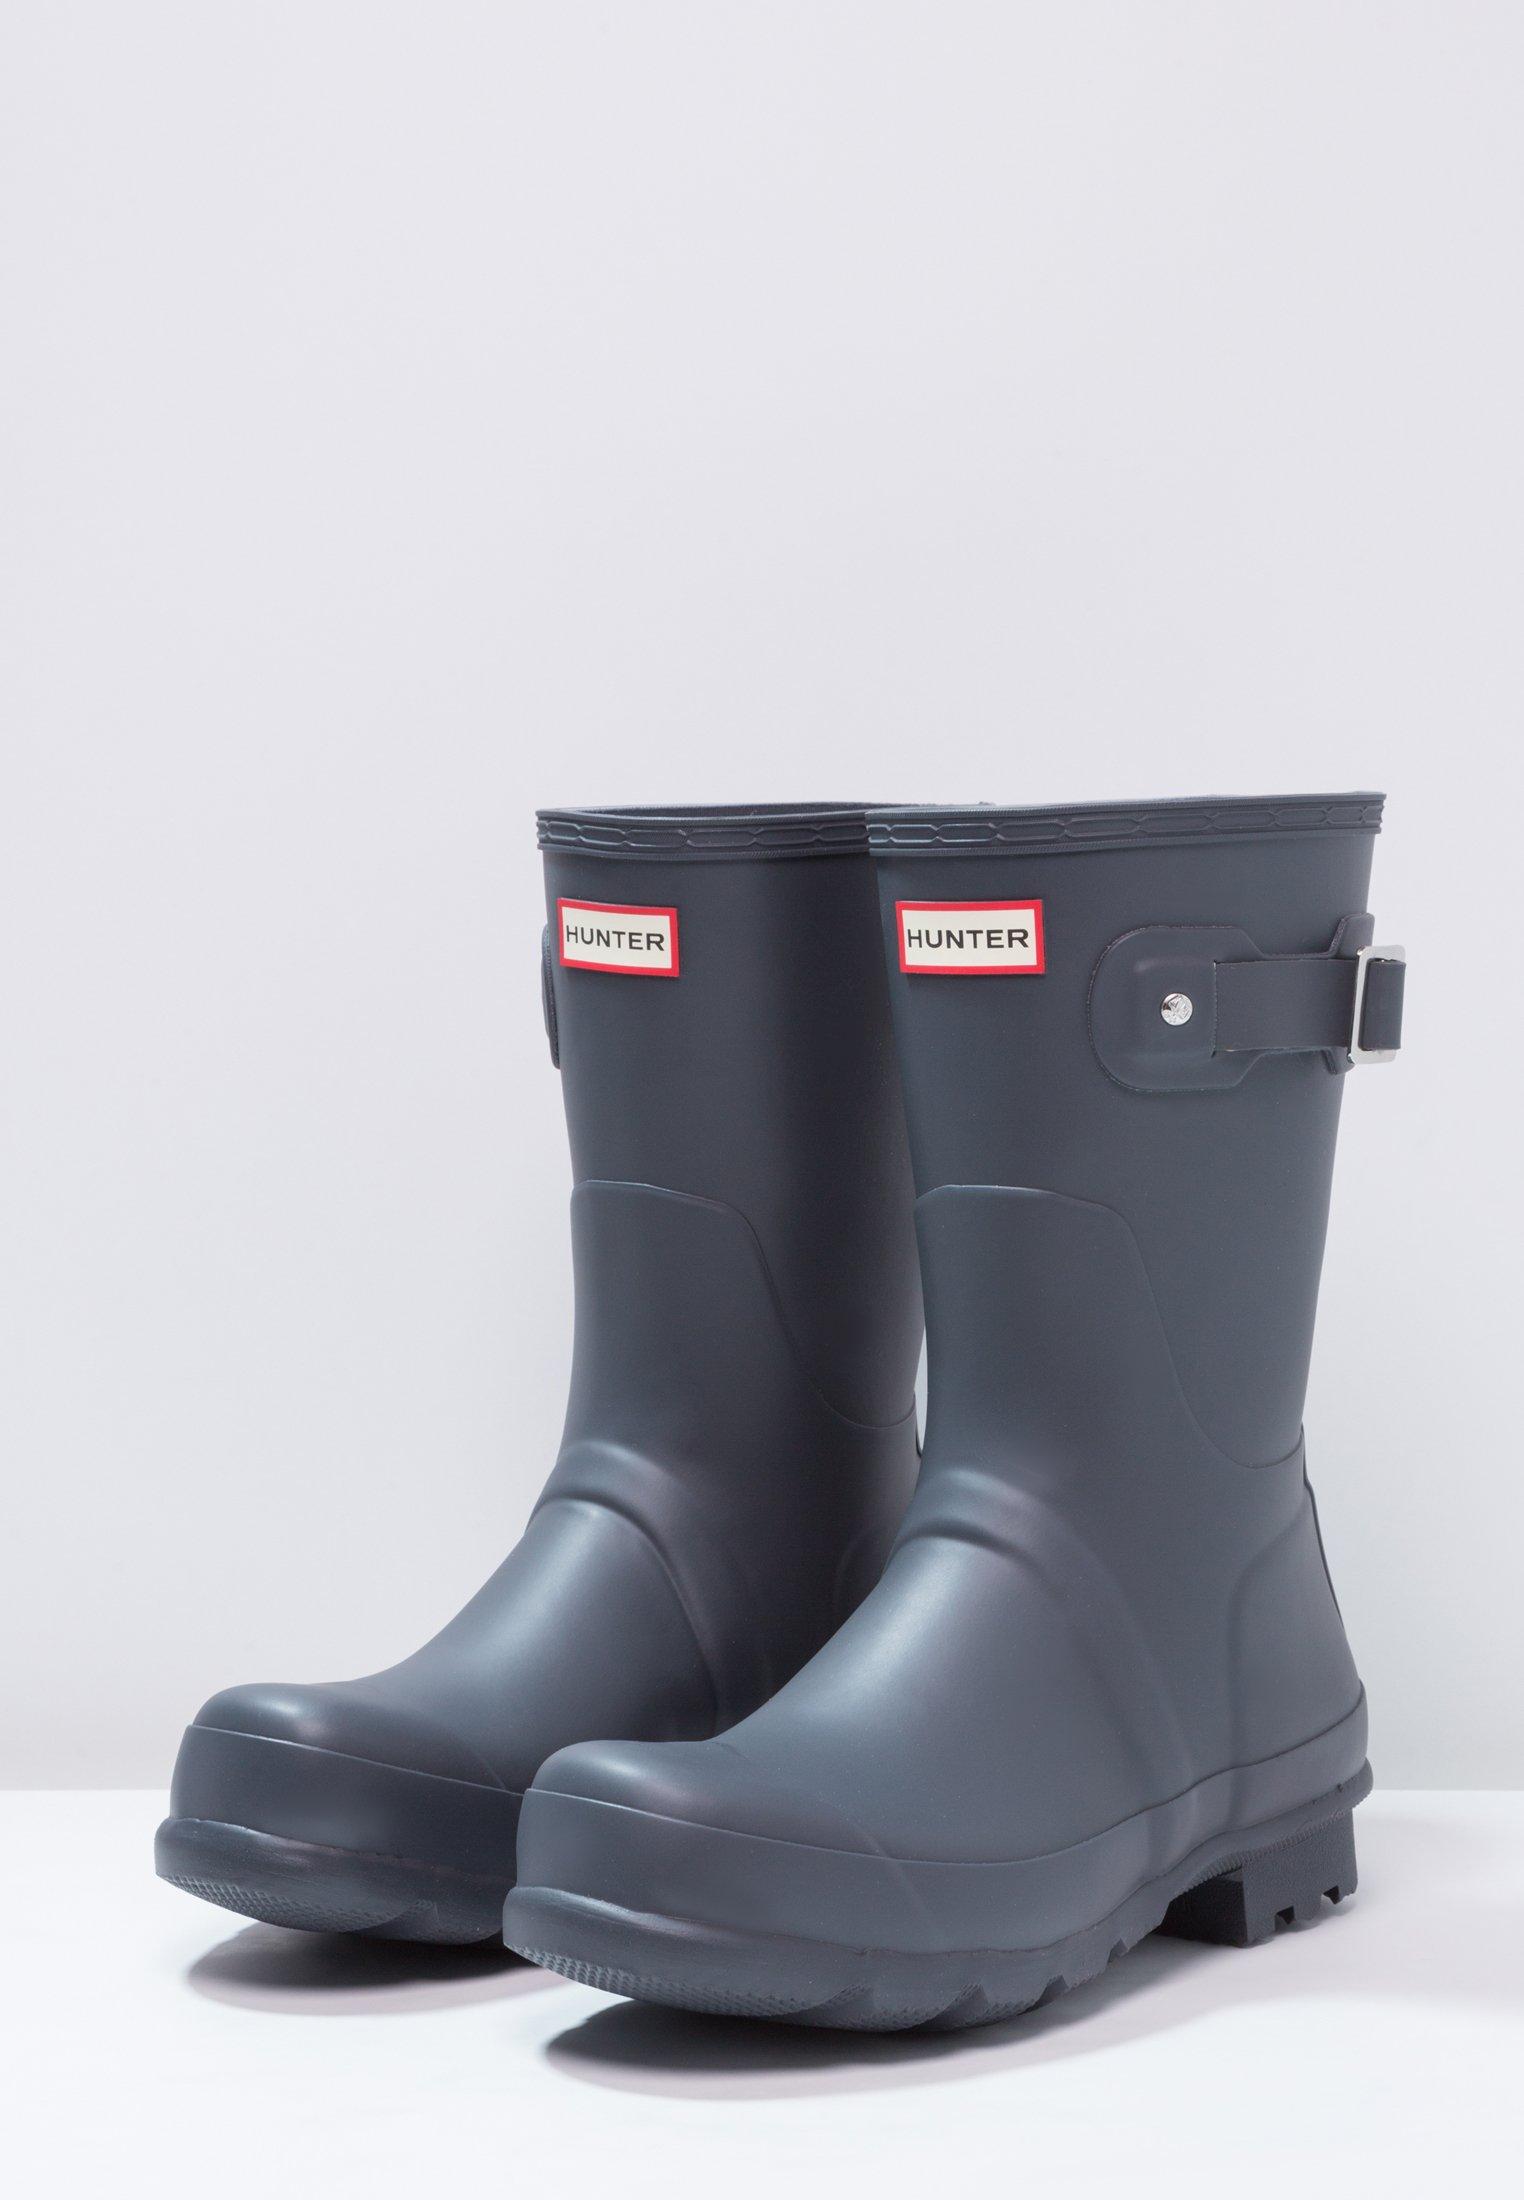 Estilo De Moda Calzado de hombre Hunter ORIGINAL ORIGINAL SHORT Botas de agua dark slate 8Cj0VF